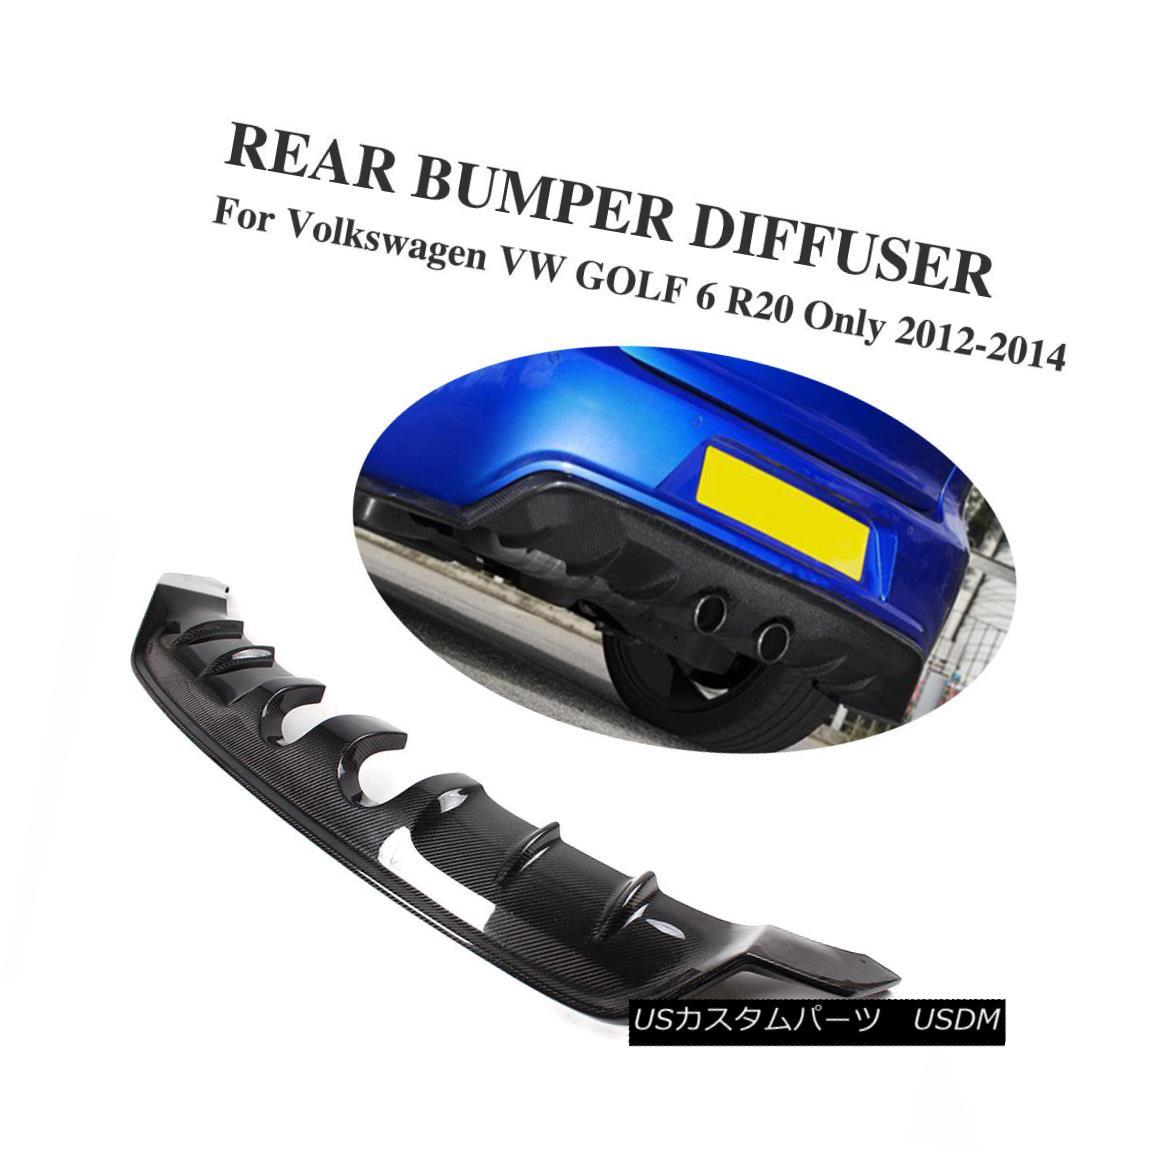 エアロパーツ Carbon Fiber Rear Bumper Diffuser Lip Refit for Volkswagen VW Golf 6 VI MK6 R20 フォルクスワーゲンVWゴルフ6 VI MK6 R20用カーボンファイバーリアバンパーディフューザーリップリジット